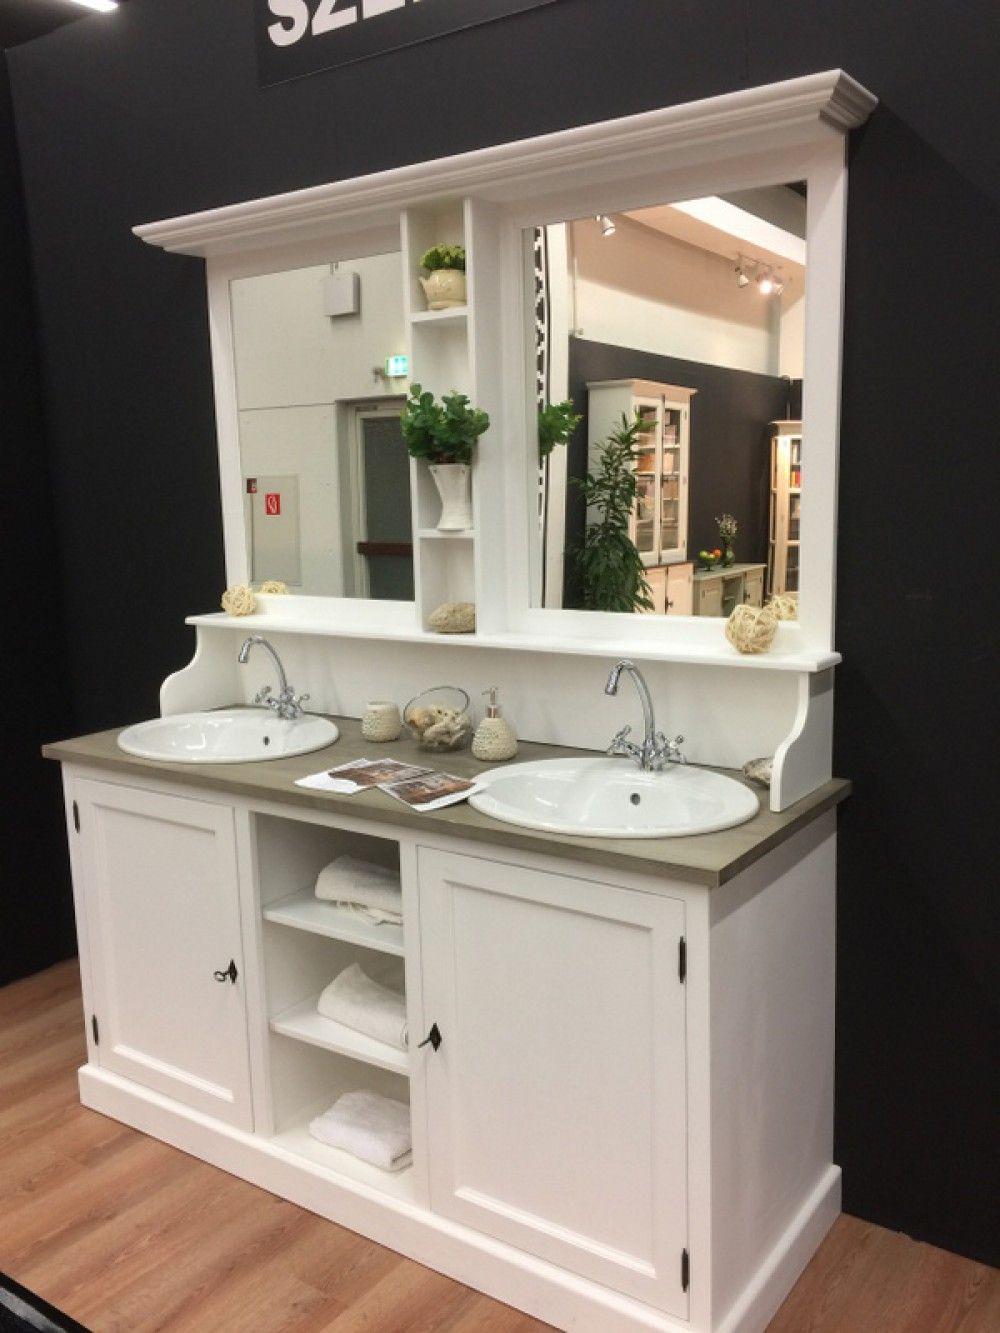 Waschtisch wei Massivholz Doppelwaschtisch im Landhausstil mit Spiegel  Bad  Waschtische